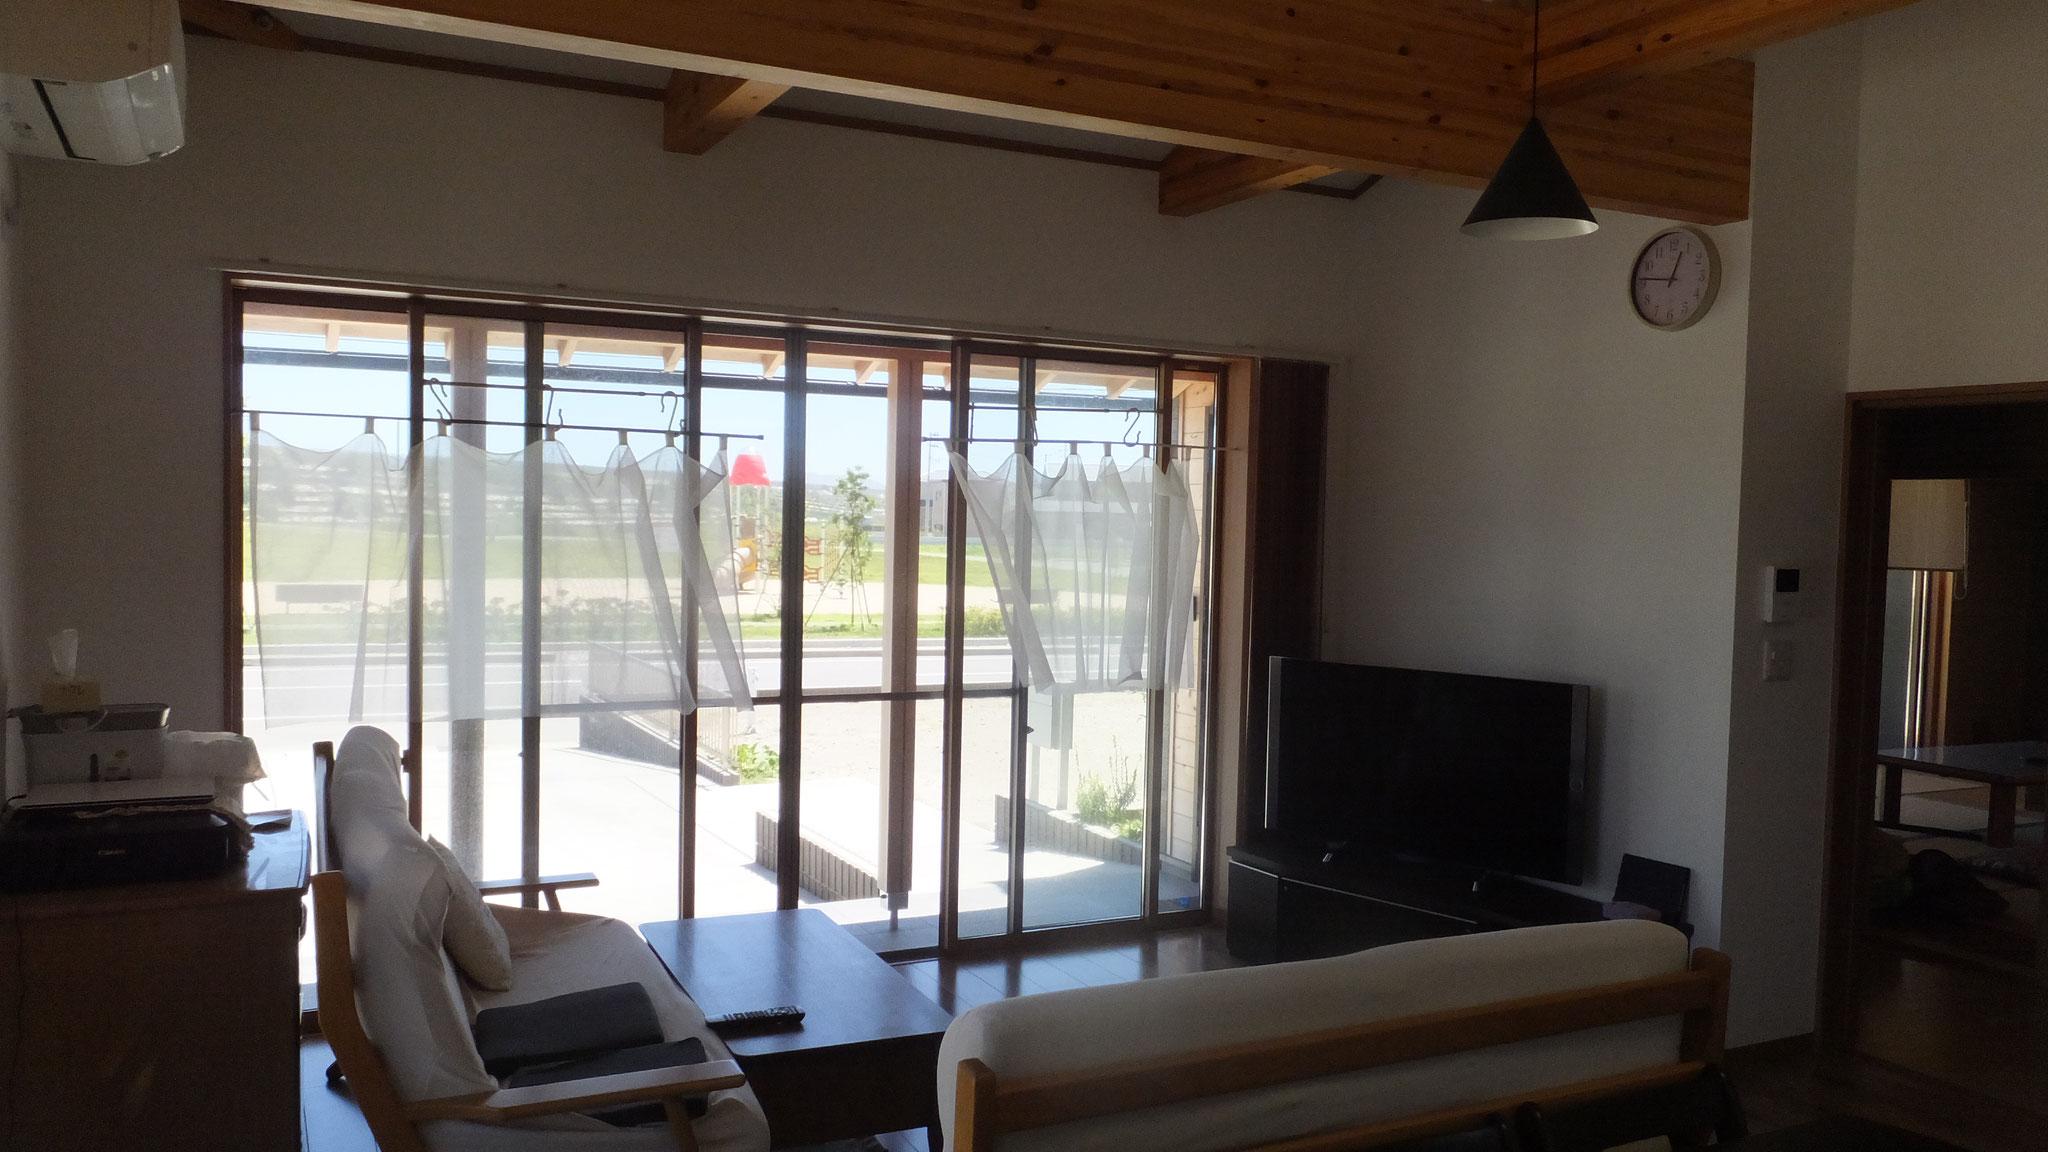 大きい窓を設置し、開放的な雰囲気を作っています。